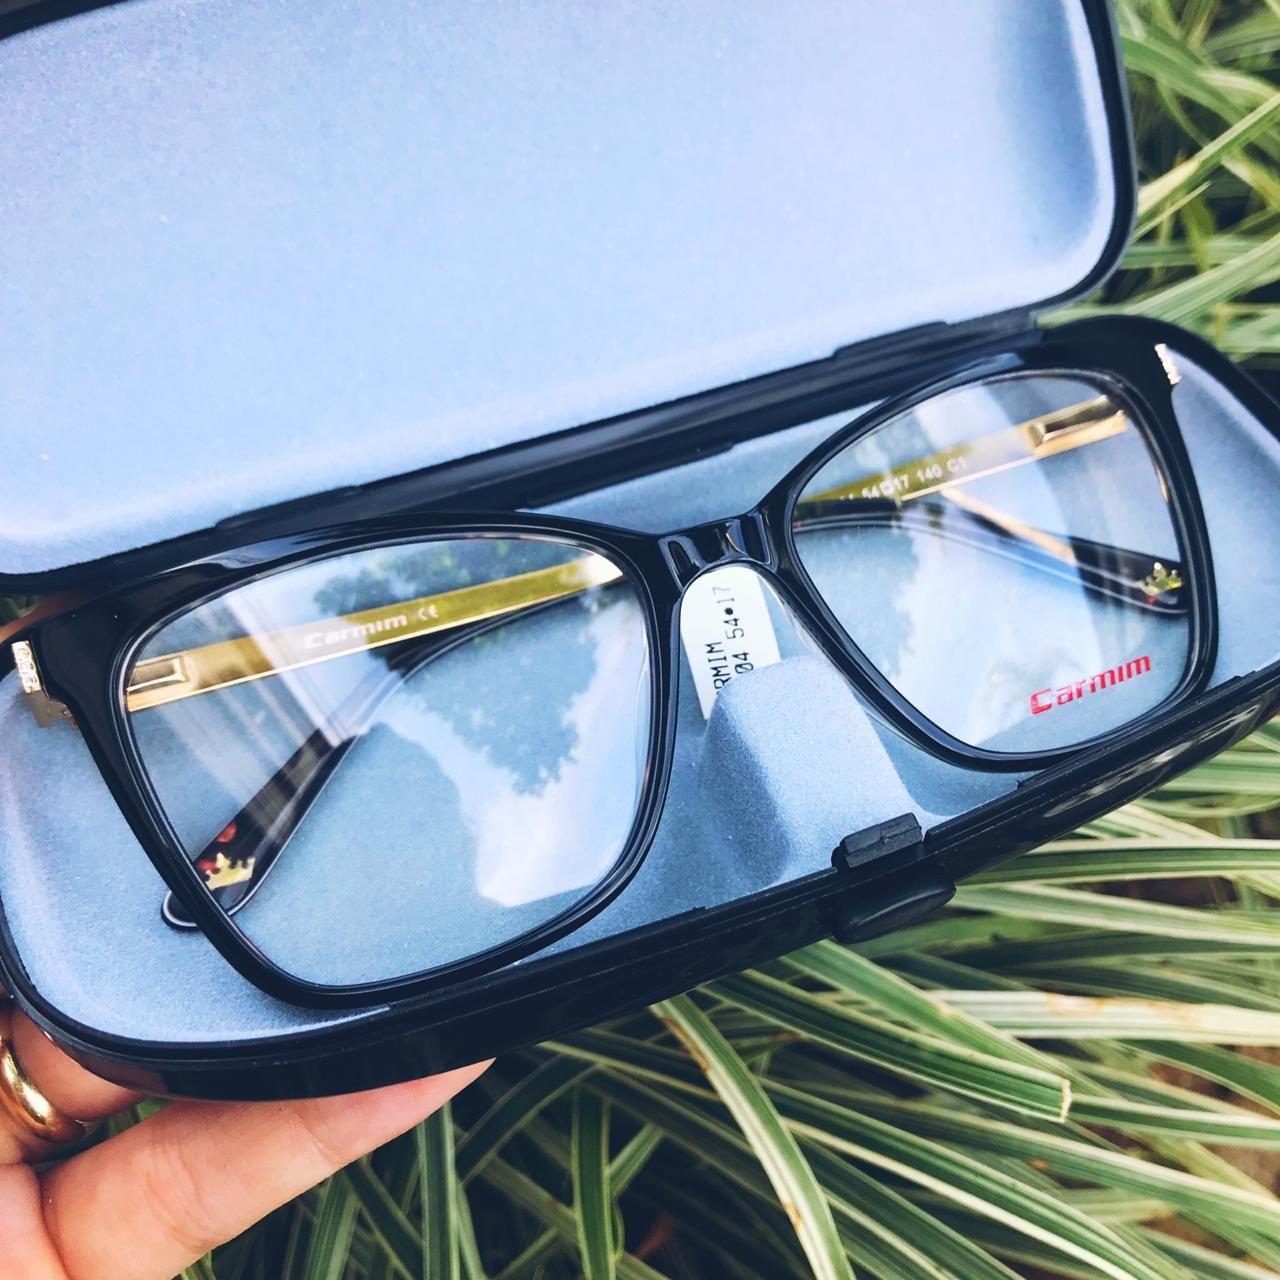 O Oculos Da Carmim 41504 E Perfeito Para Voce Alem De Ser